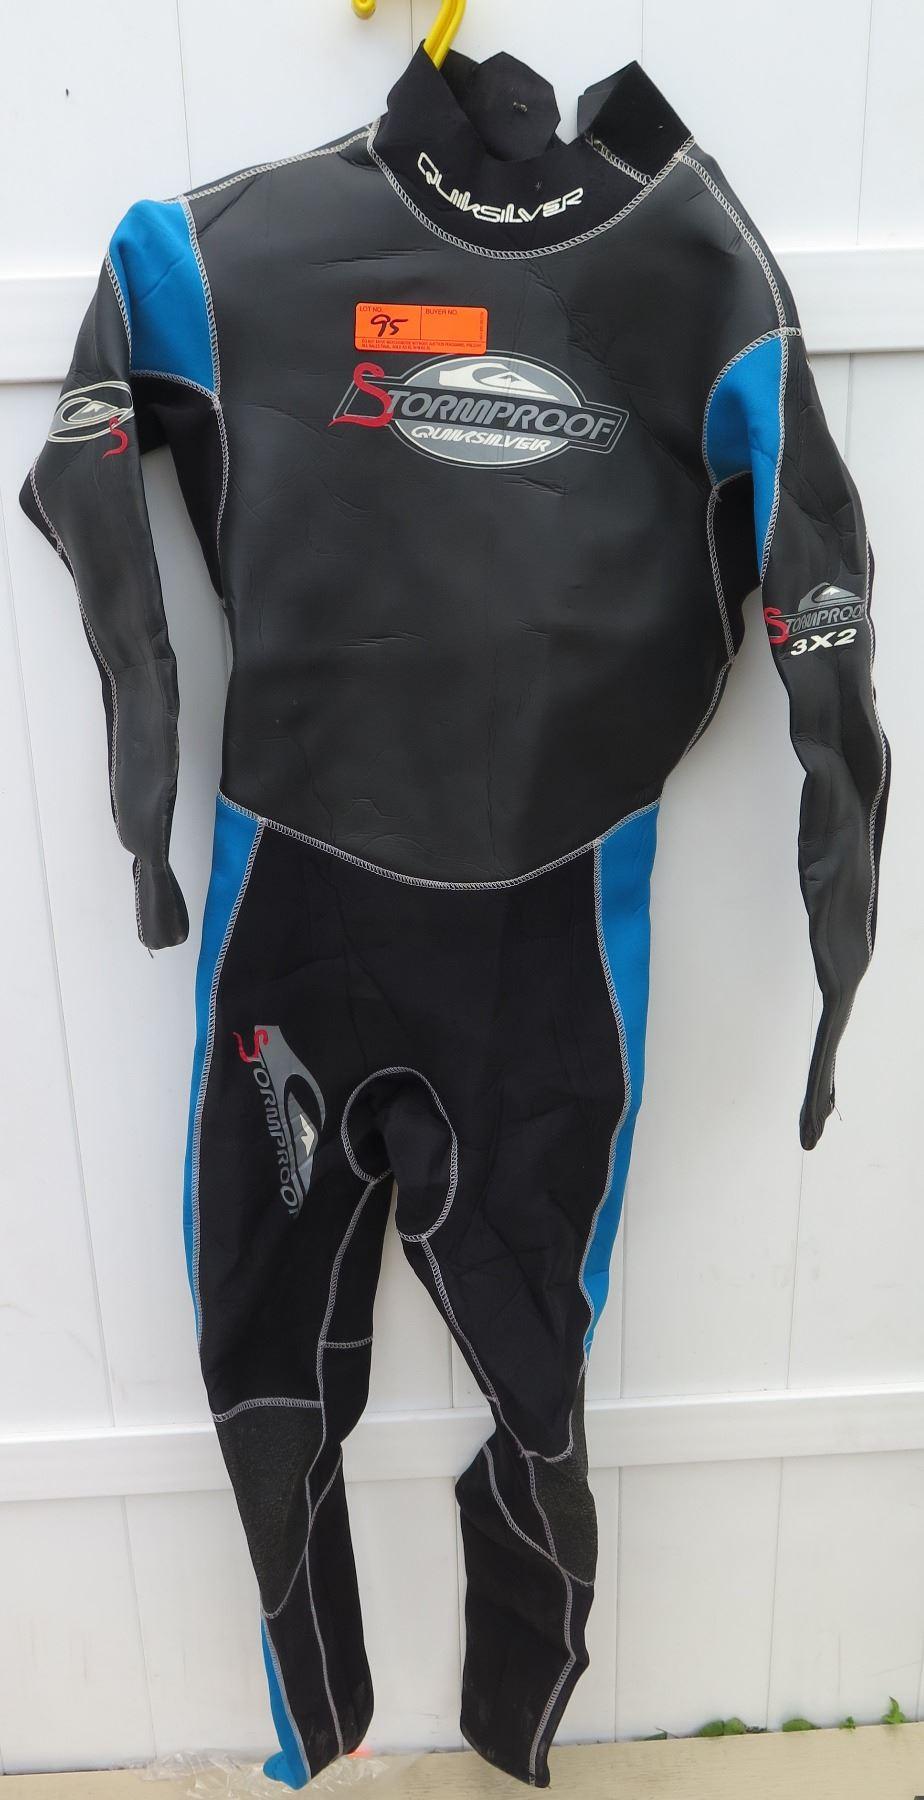 1660e22ae3 ... Image 2   Wetsuit - Mens Quiksilver Stormproof Wet Suit size M ...